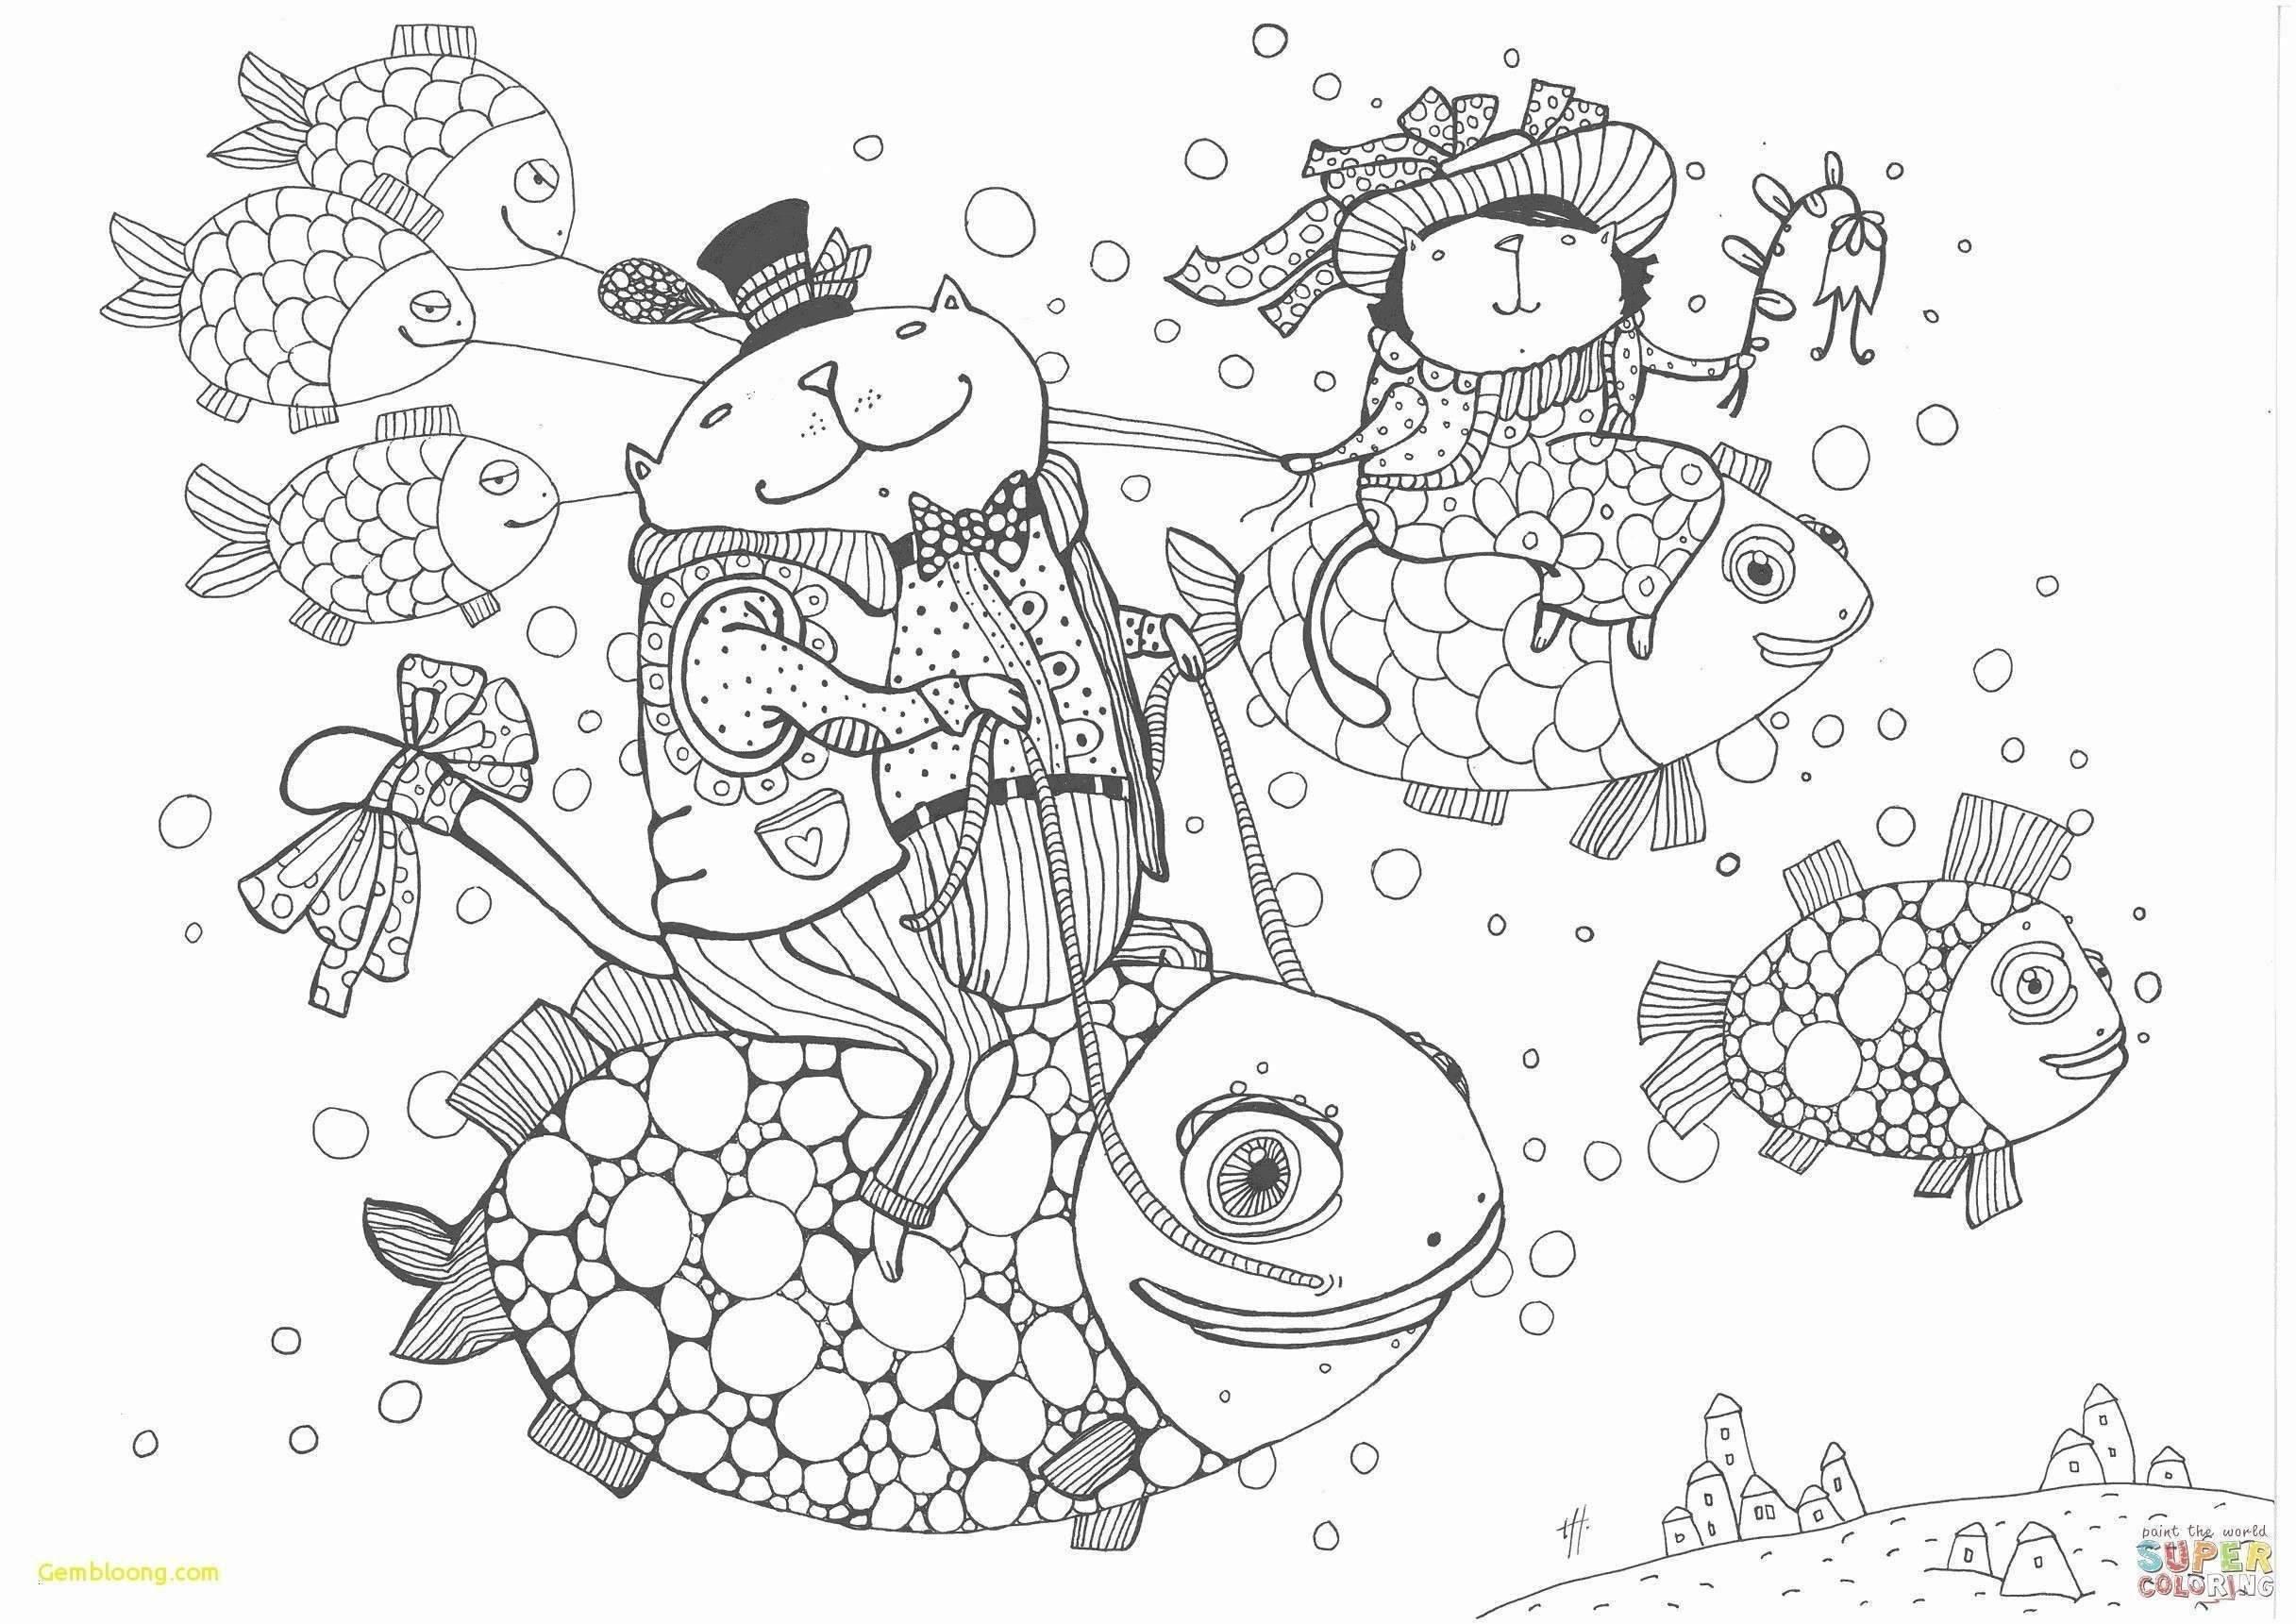 ausmalbilder tiere kostenlos zum ausdrucken weihnachtsausmalbilder zum drucken ausmalbilder pony 0d of ausmalbilder tiere kostenlos zum ausdrucken 1